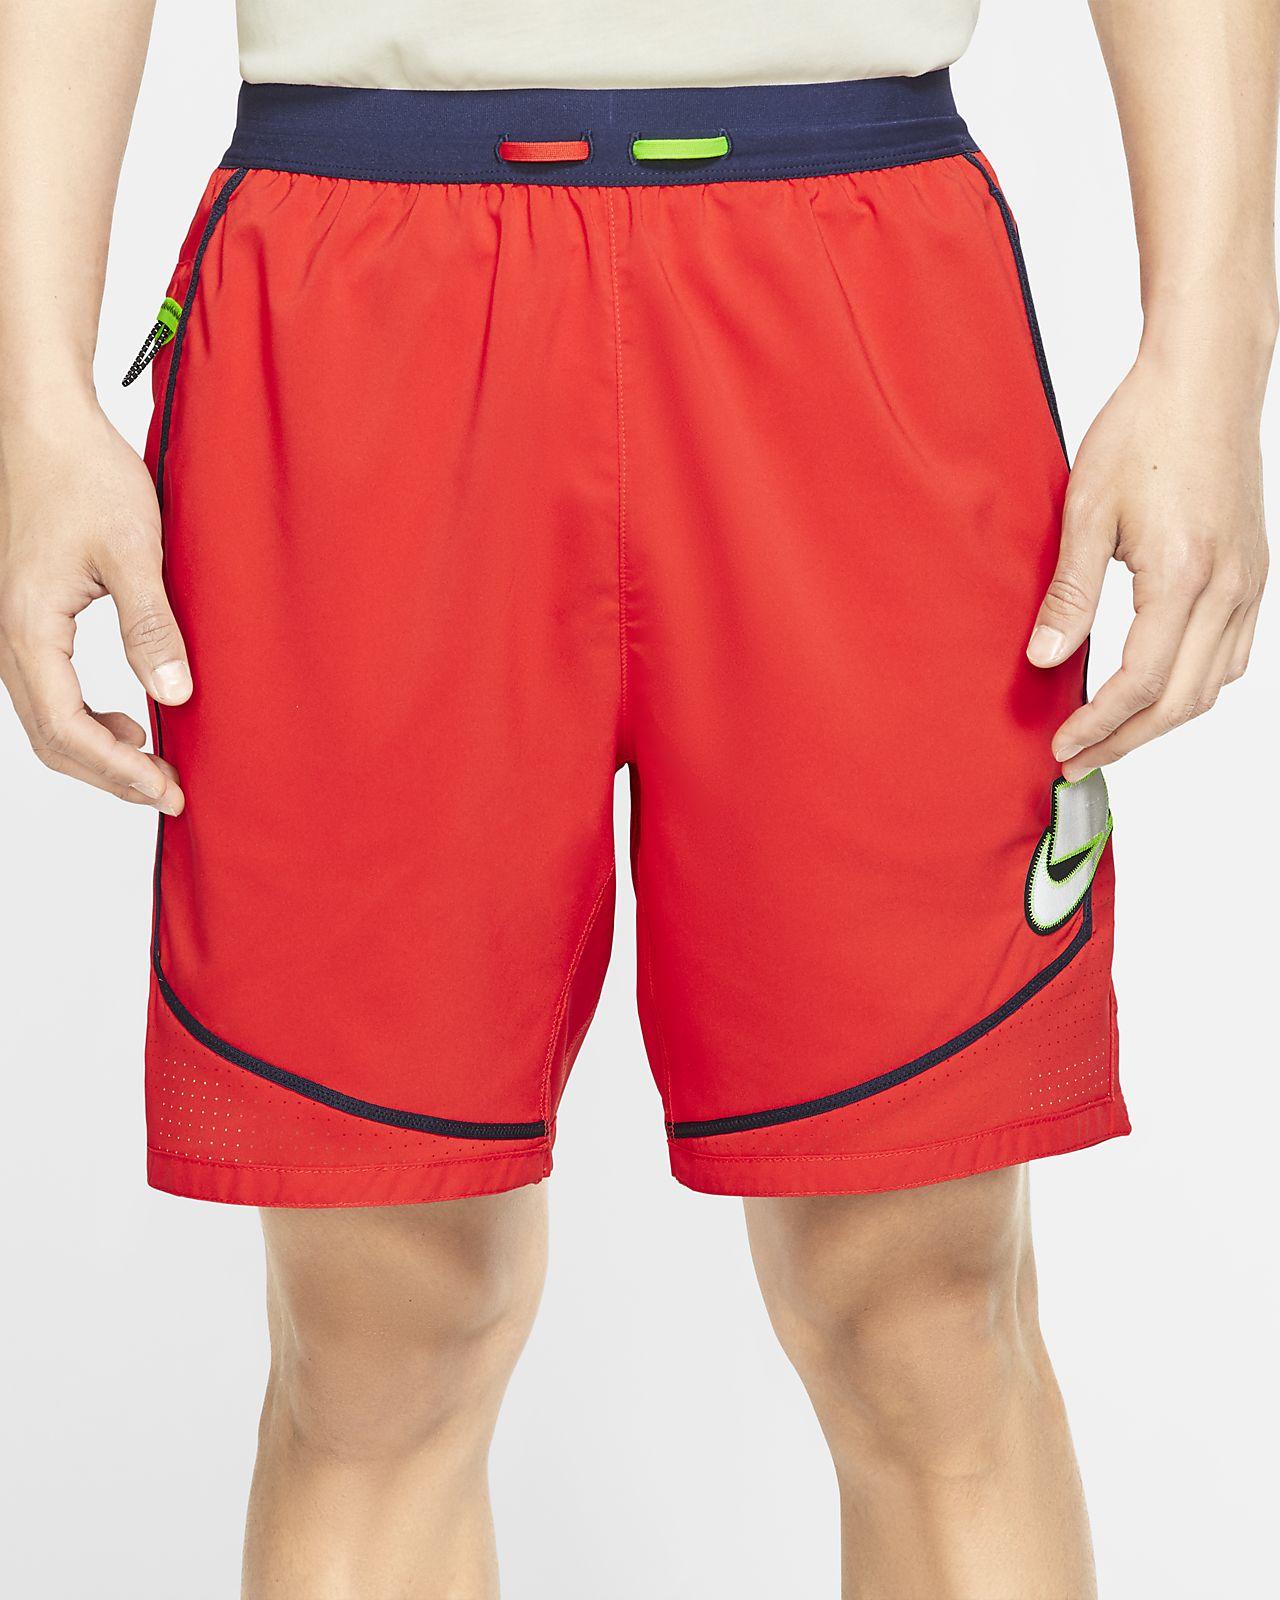 Nike-løbeshorts til mænd